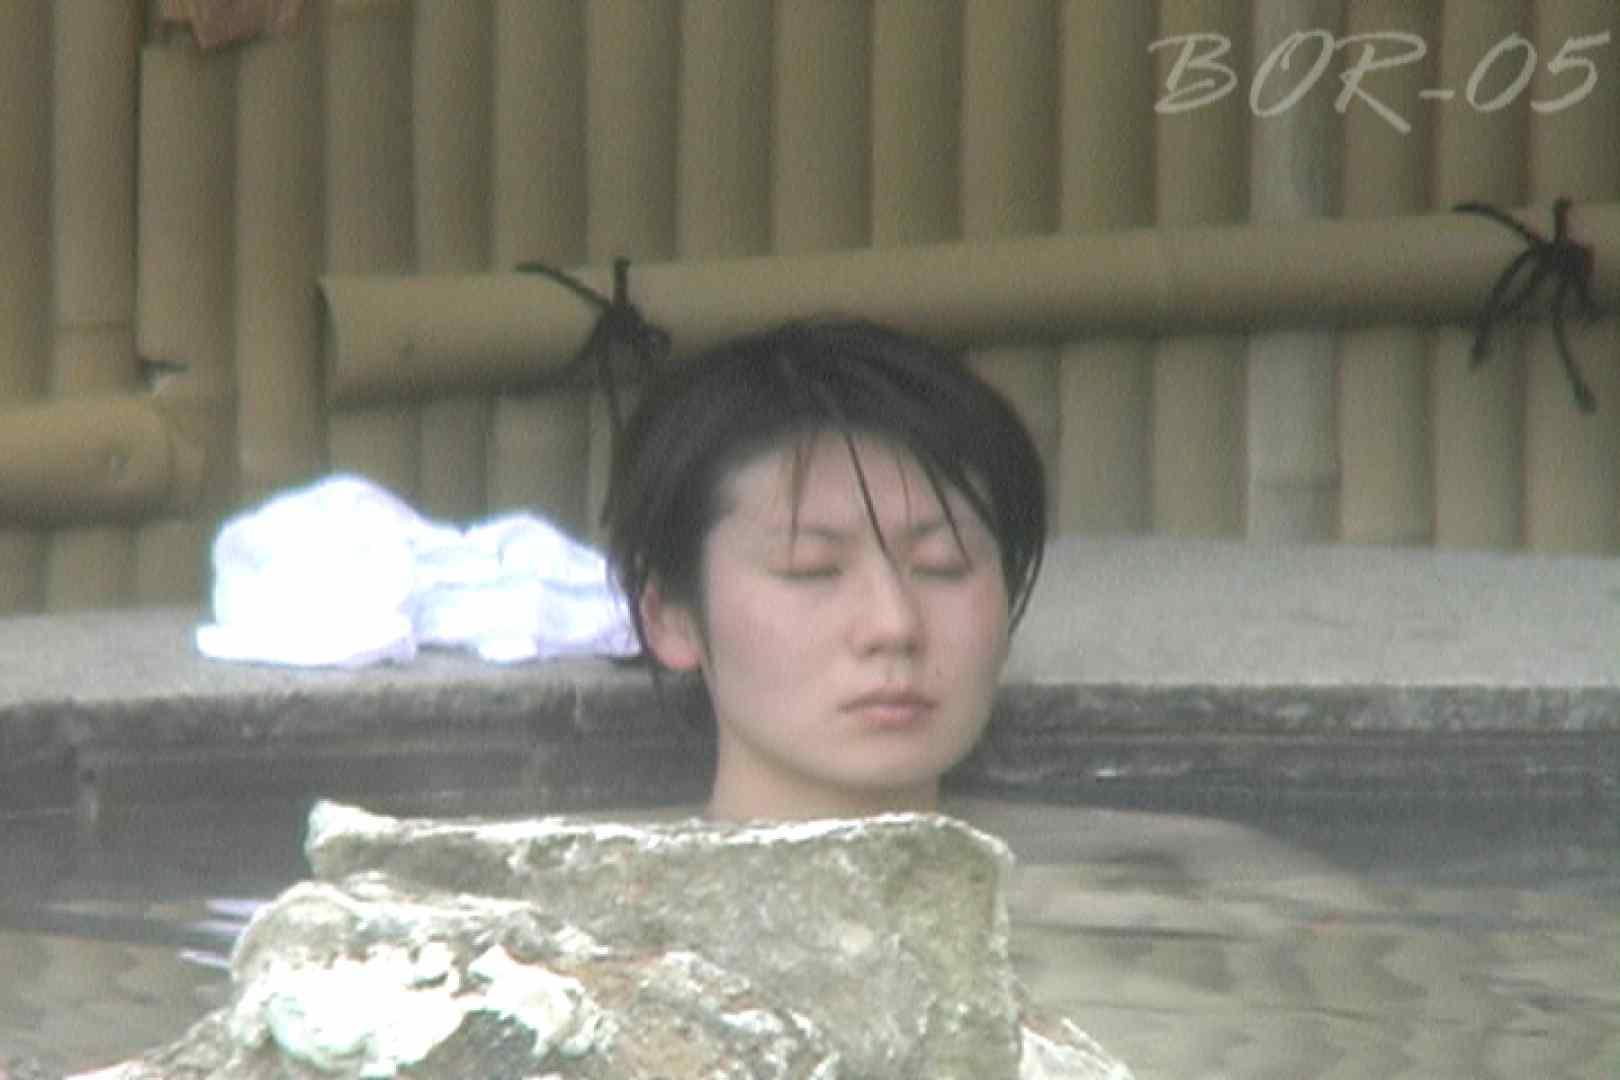 Aquaな露天風呂Vol.493 OLエロ画像   露天  67PICs 34